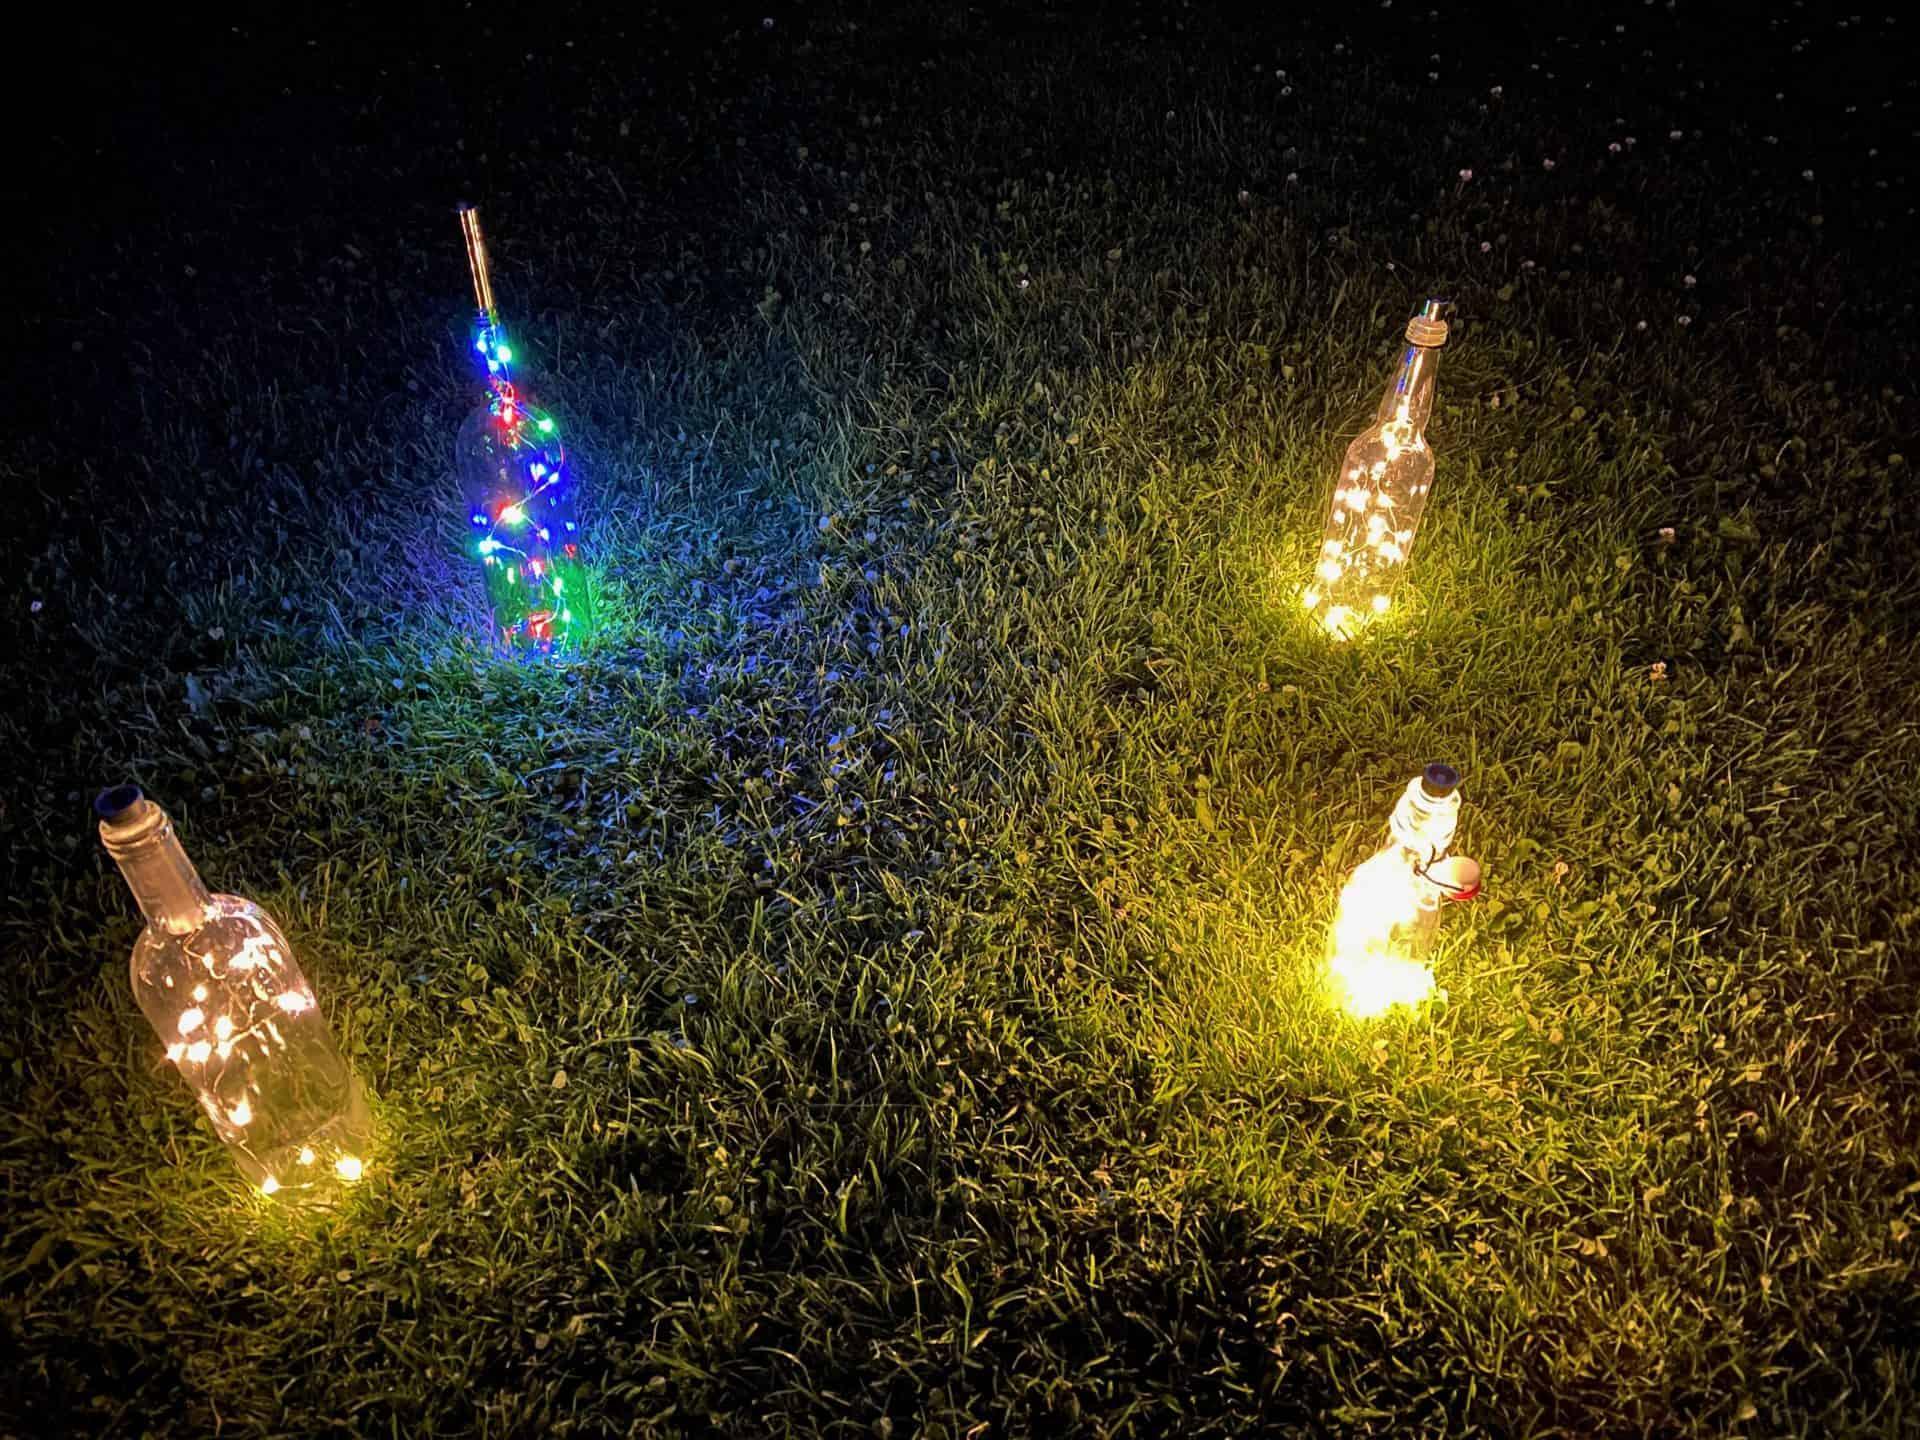 Gemütliches-Flaschenlicht-Bügelflasche-LED-warmweiss-bunt-von-der-Seite-in-der-Wiese